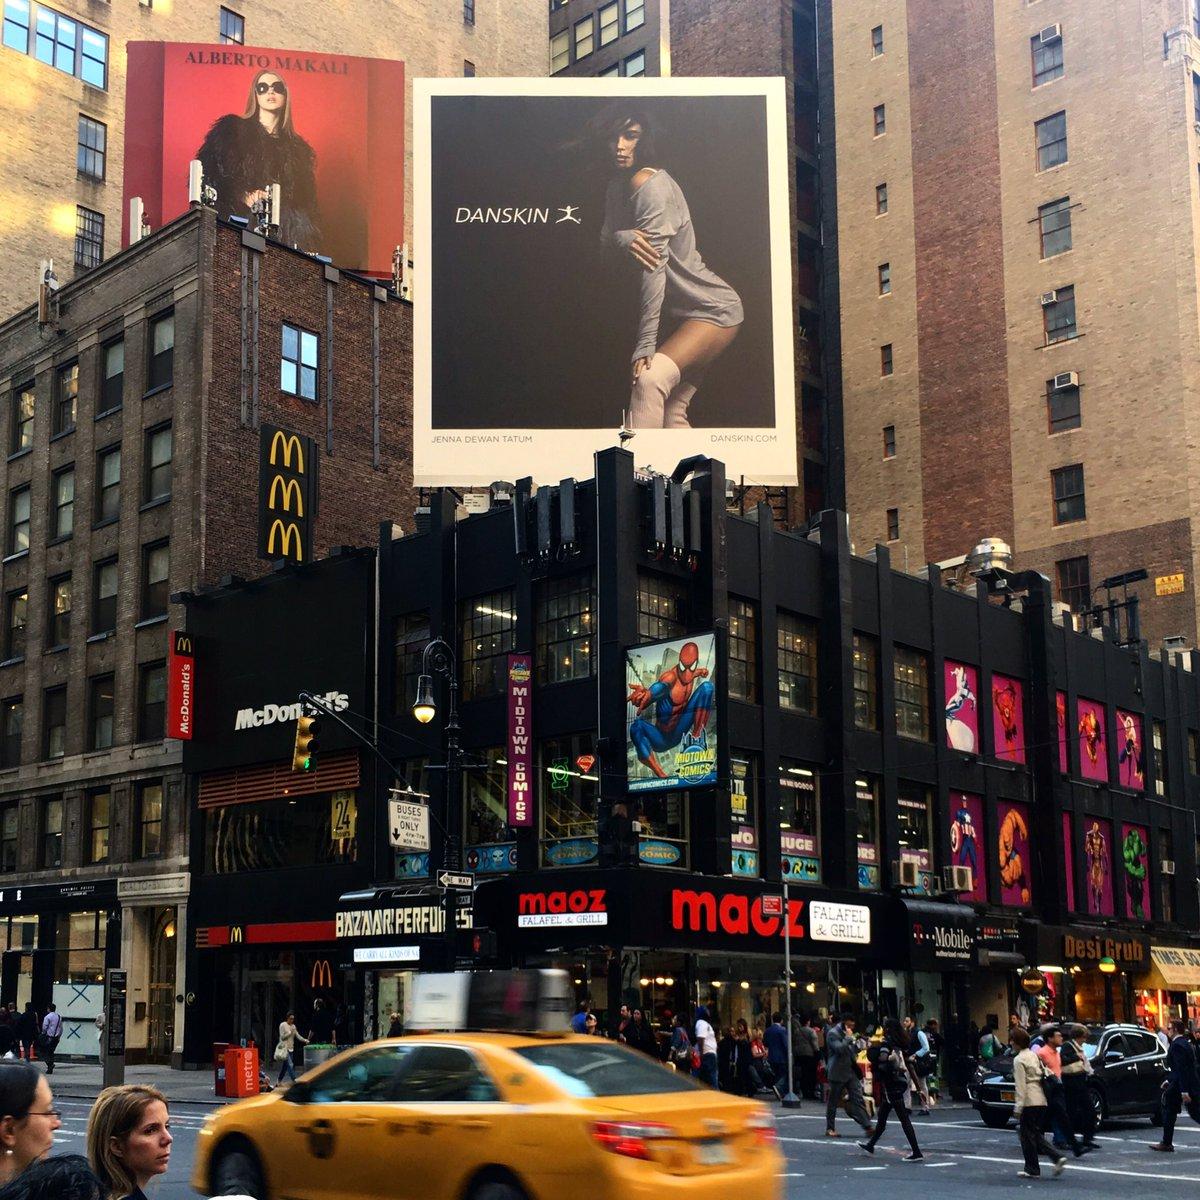 Spotted: @jennaldewan doing her best Danskin in Times Square! #DanskinDetermination https://t.co/XcDWJjA5Cn